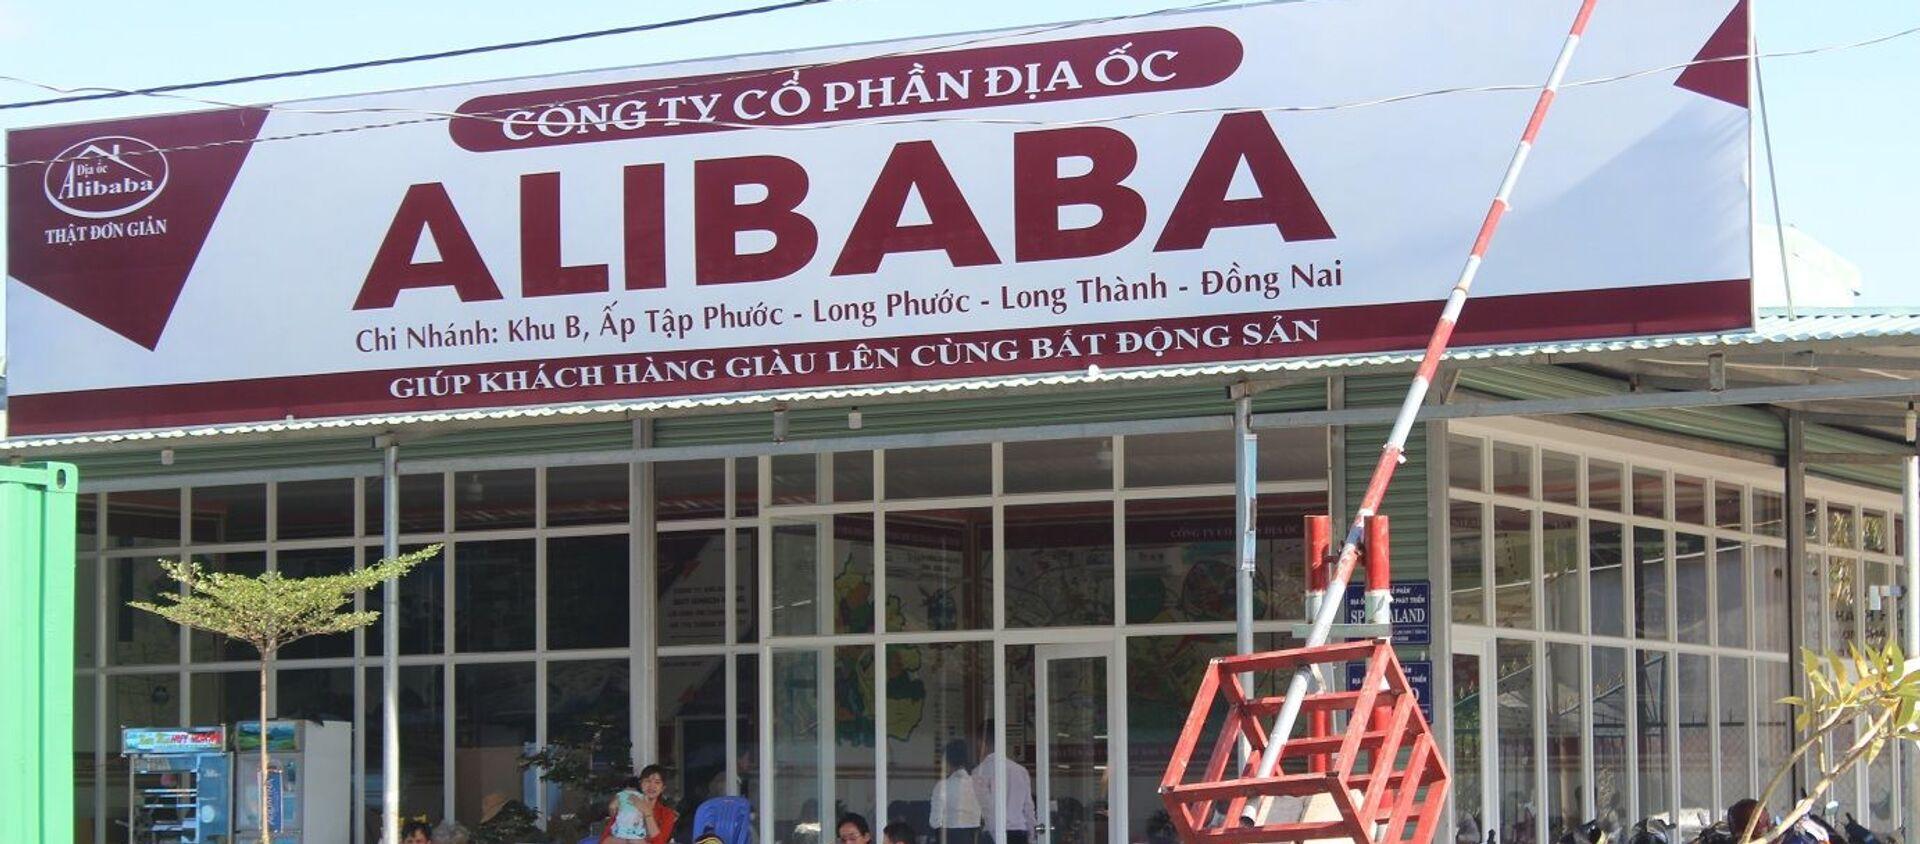 Văn phòng giao dịch của Công ty Địa ốc Alibaba tại ấp Tập Phước, xã Long Phước, Long Thành, Đồng Nai. - Sputnik Việt Nam, 1920, 27.07.2021